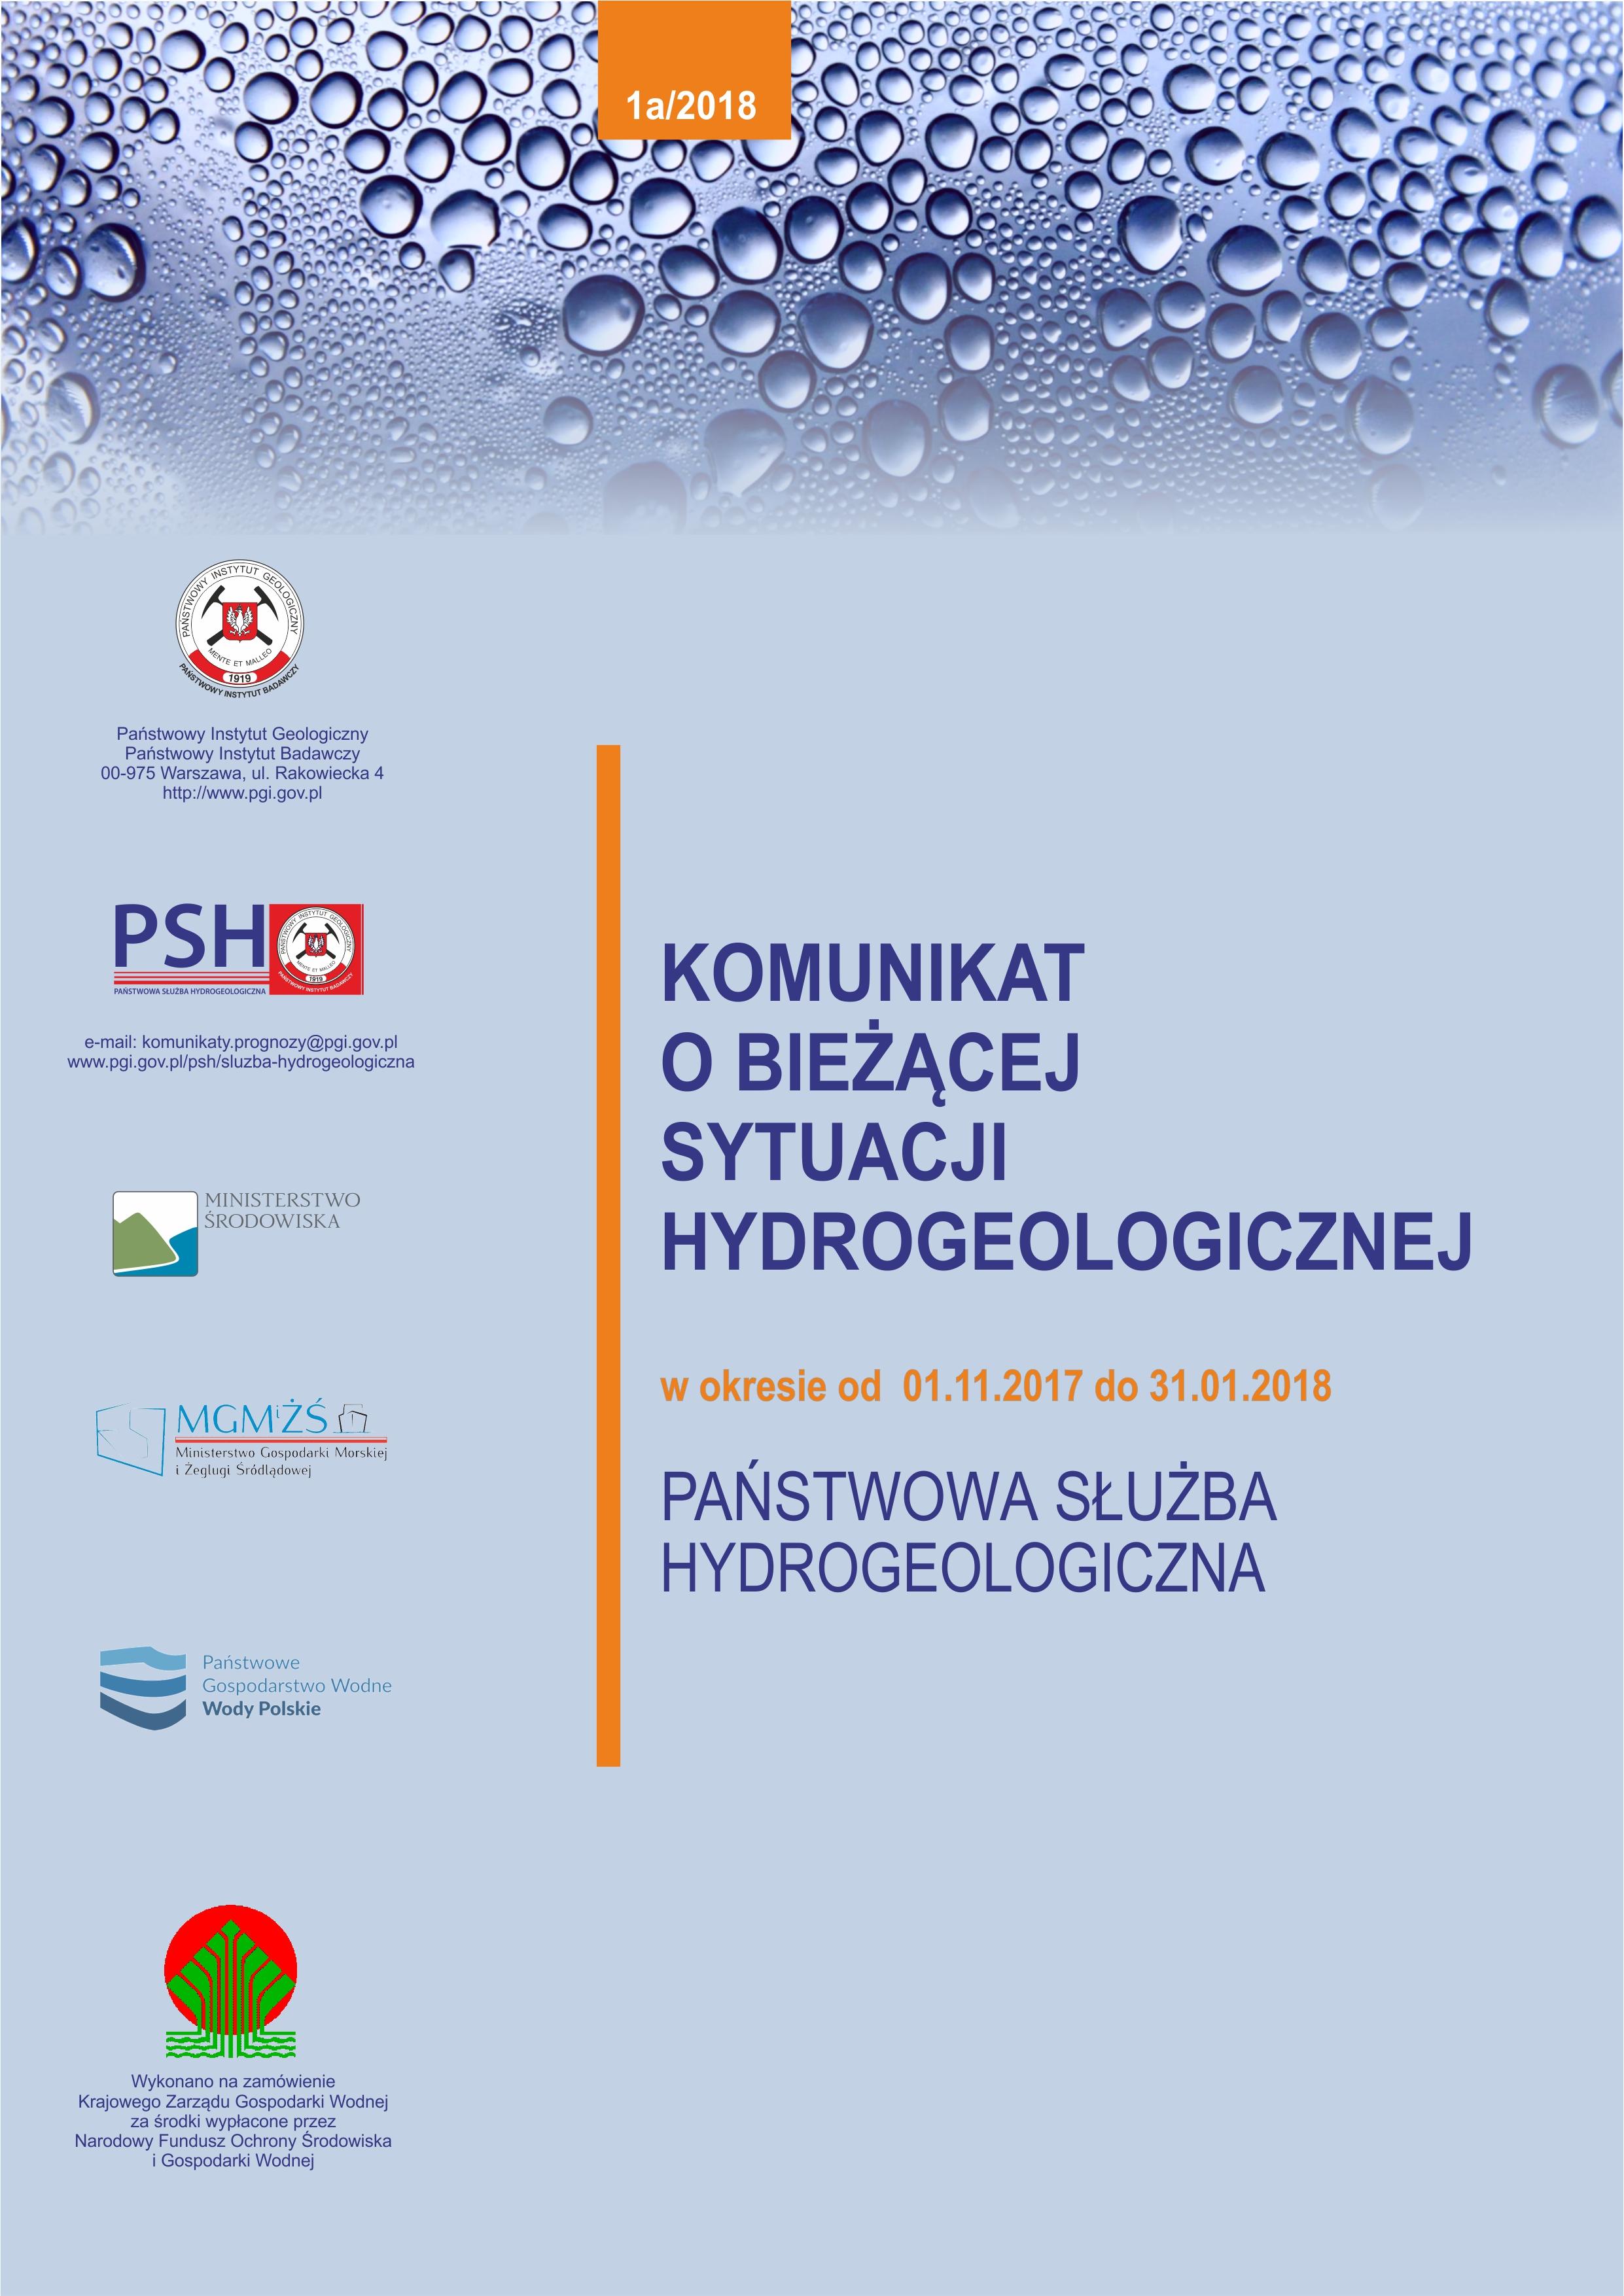 Komunikat o bieżącej sytuacji hydrogeologicznej w okresie 01.11.2017 - 31.01.2018